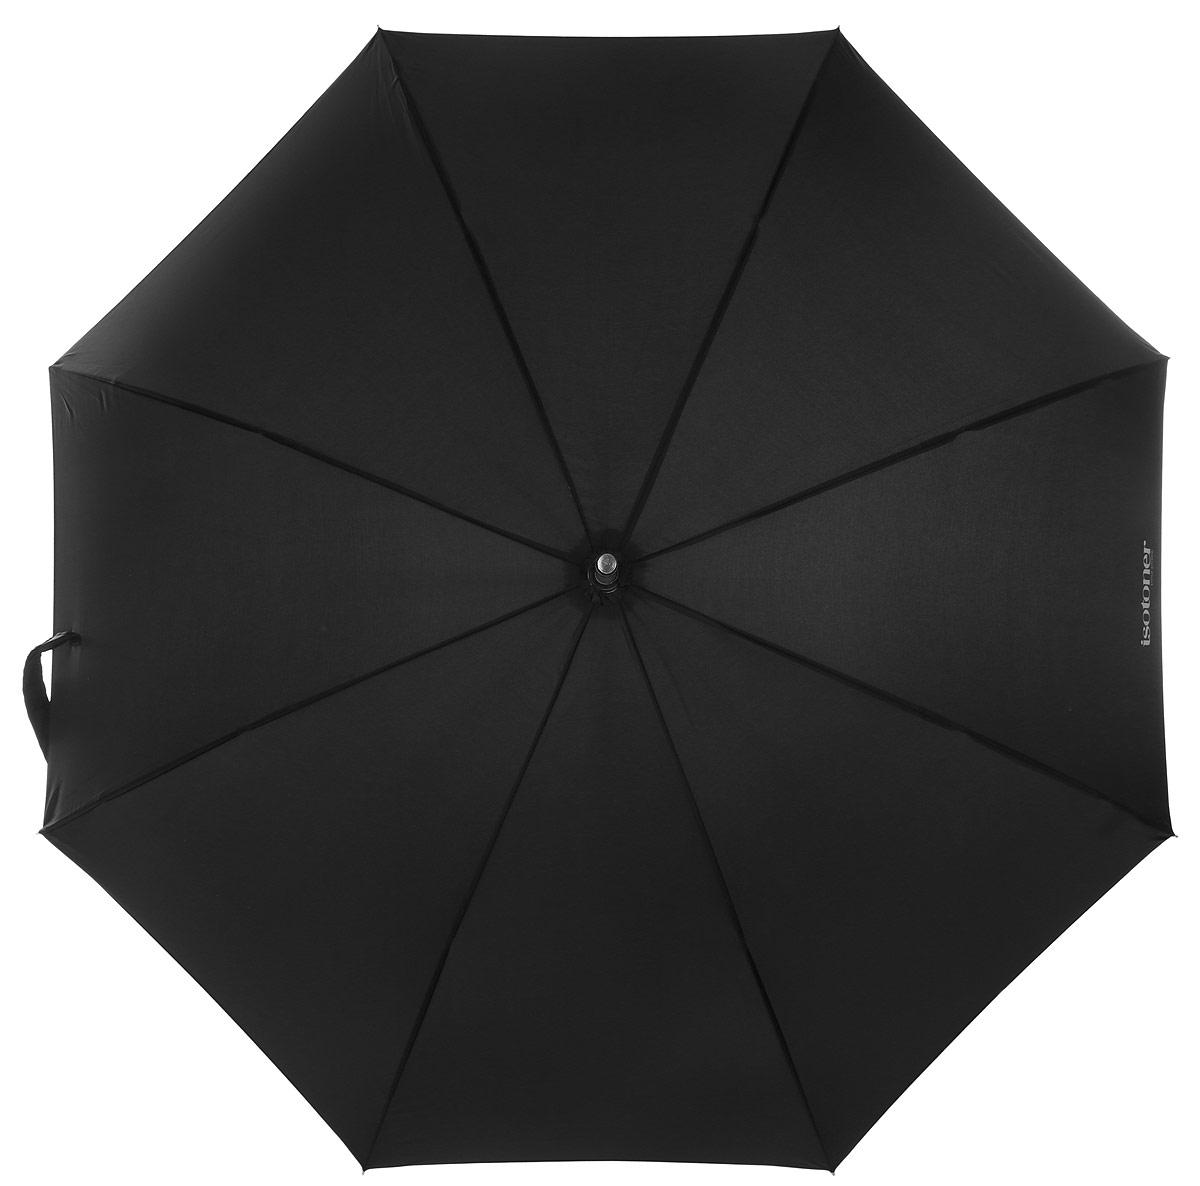 Зонт-трость Isotoner, полуавтомат, цвет: черный. 09272-730709272-7307_Классический зонт-трость Isotoner оформлен символикой бренда. Каркас зонта содержит восемь спиц из алюминия и стеклопластика, а также дополнен удобной рукояткой. Зонт имеет полуавтоматический механизм: купол открывается нажатием кнопки на рукоятке и складывается вручную. Купол зонта выполнен из прочного полиэстера. Стильный зонт - незаменимая вещь в гардеробе каждого человека. Он не только надежно защитит от дождя, но и станет прекрасным дополнением к вашему образу.